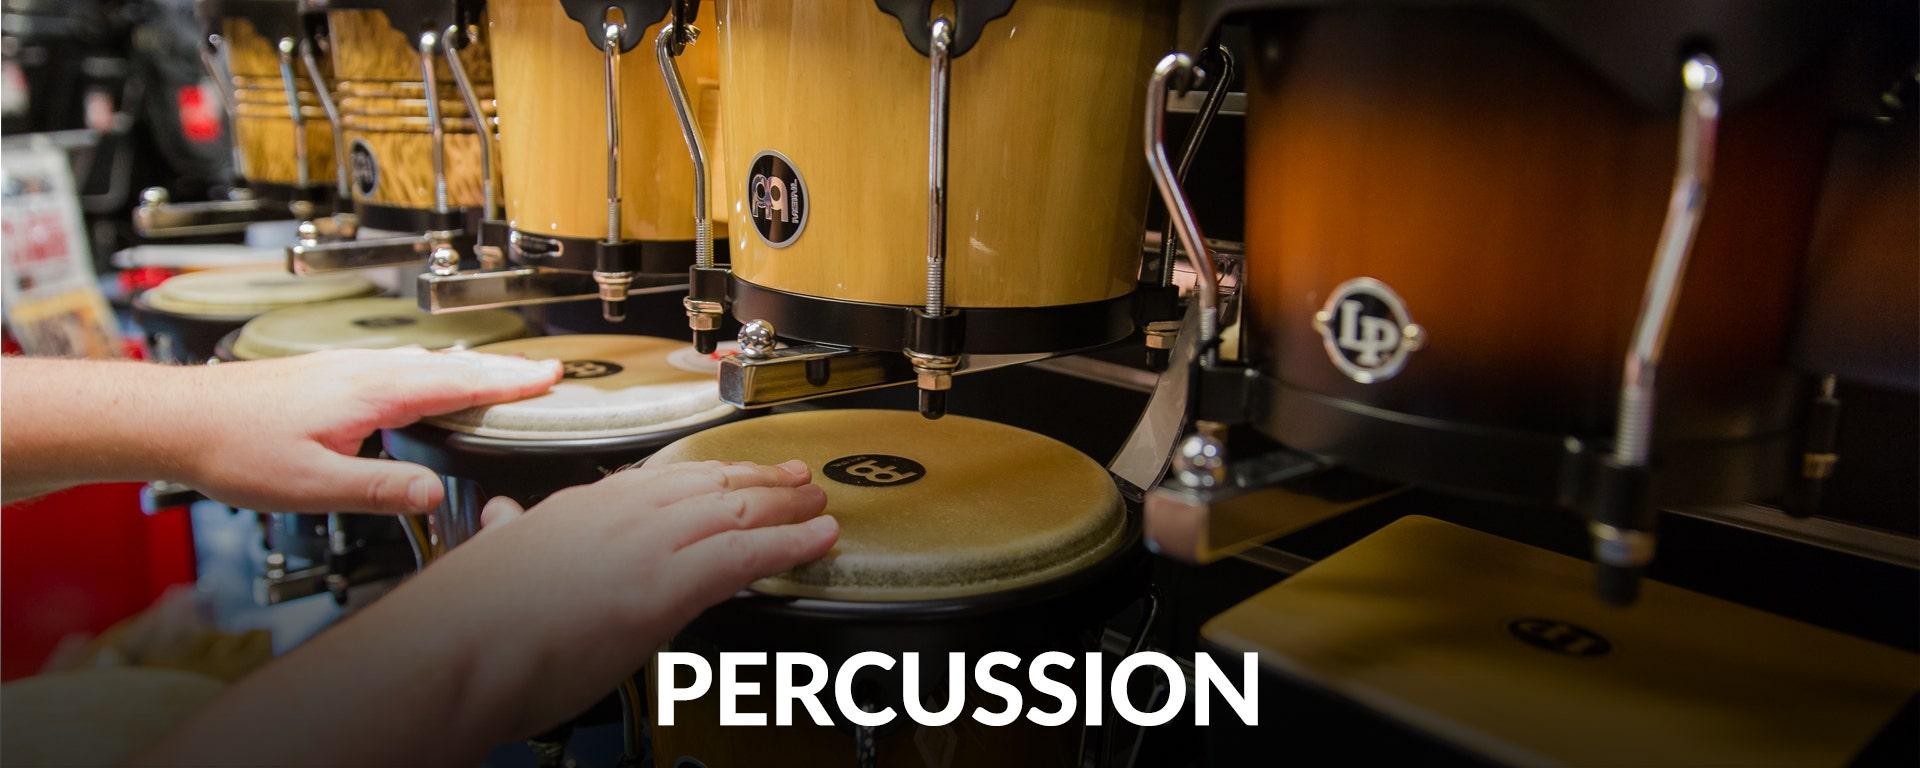 Percussion at samash.com